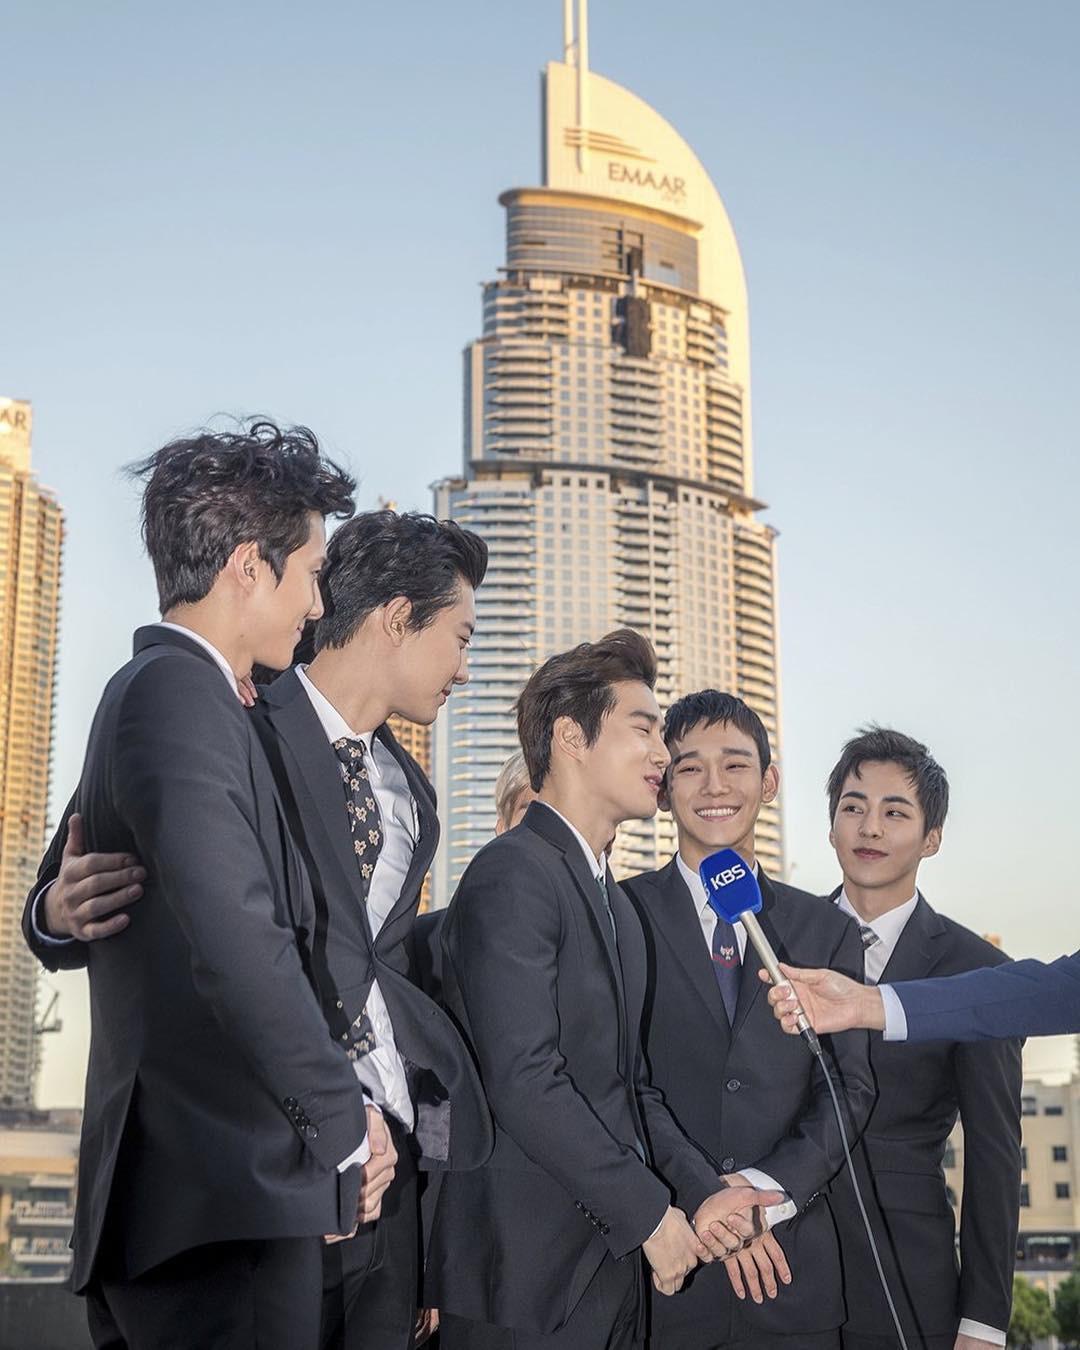 EXO và chuyến hành trình 6 năm: Hãy chịu làm kẻ thất bại để gượng dậy thành công! - Ảnh 13.